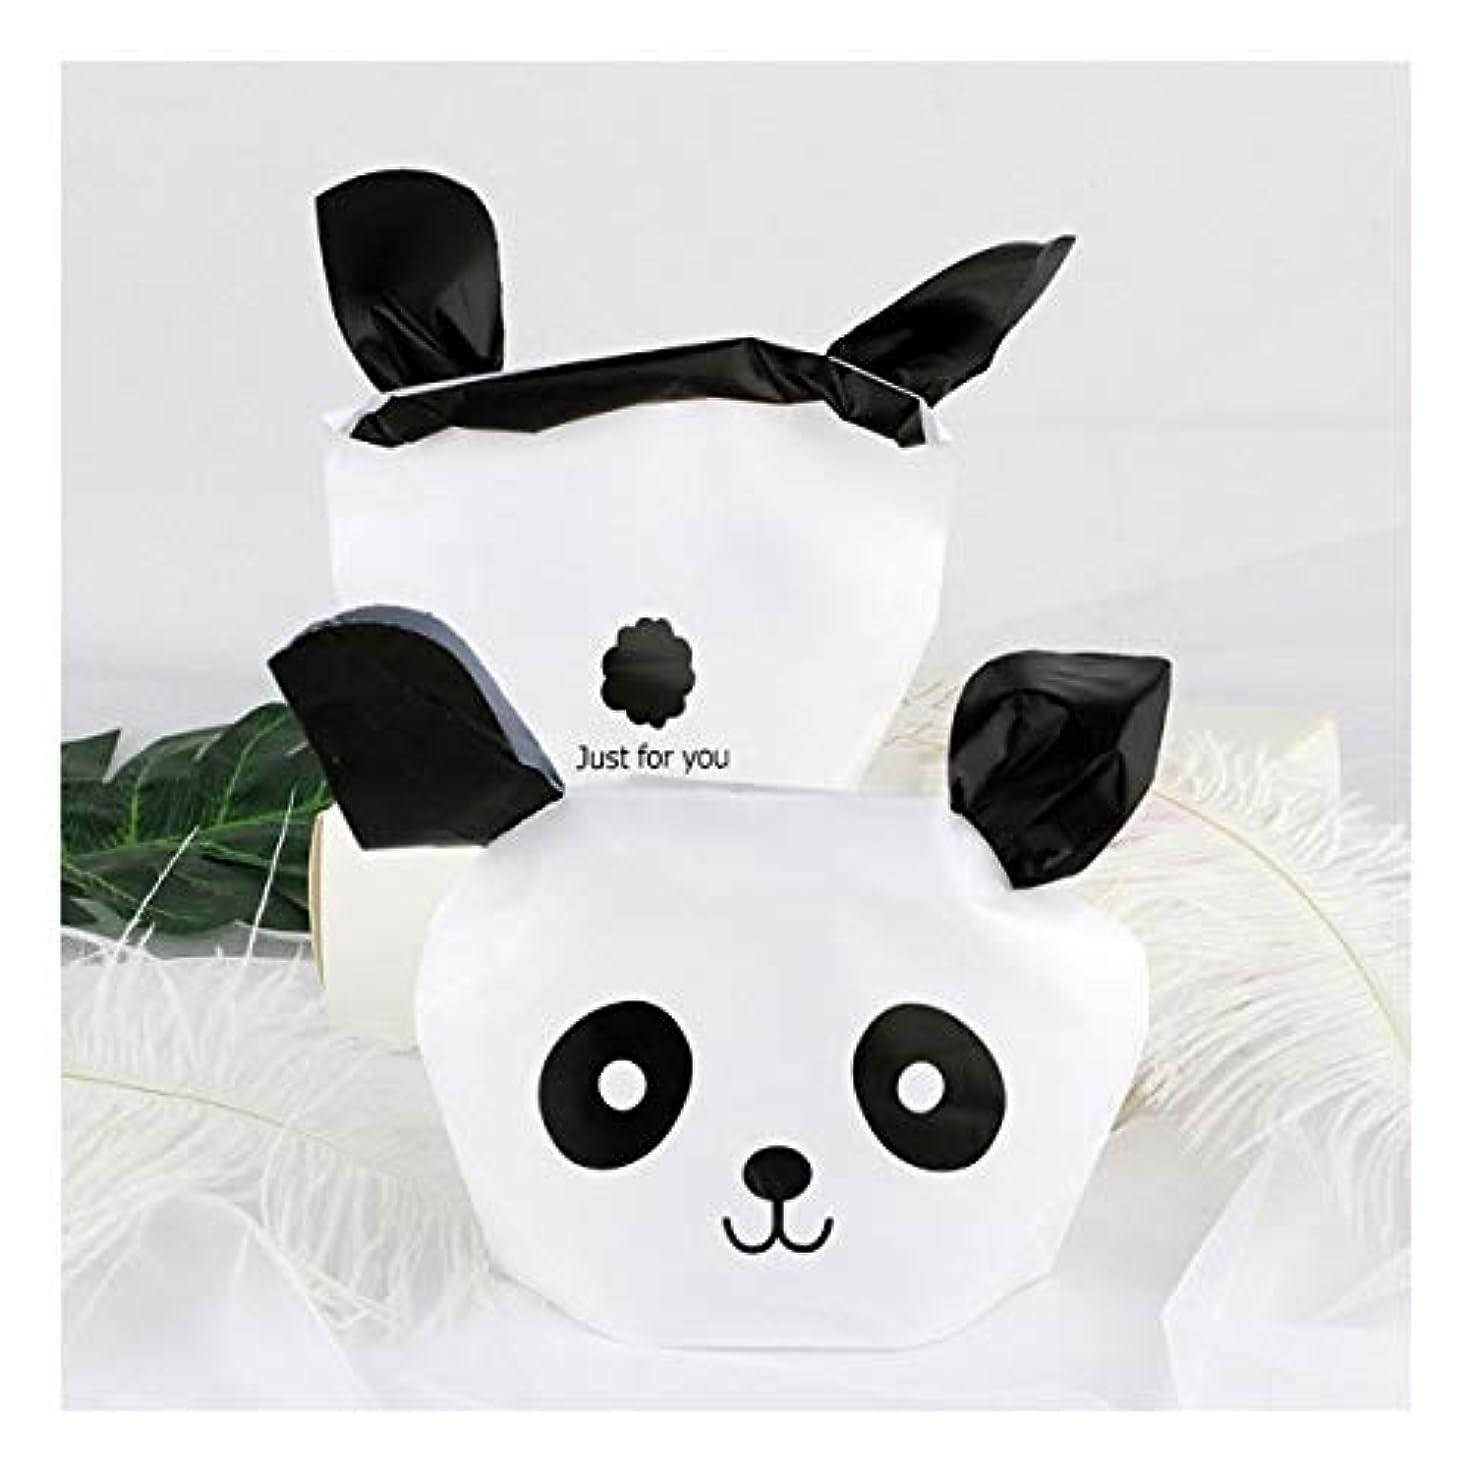 ワイド晩ごはん後者Fengshangshanghang 50枚 レジ袋 かわいい ビニール袋 ポリ袋 プレゼント用 デザート お菓子 ラッピング袋,家の装飾 (Color : G)